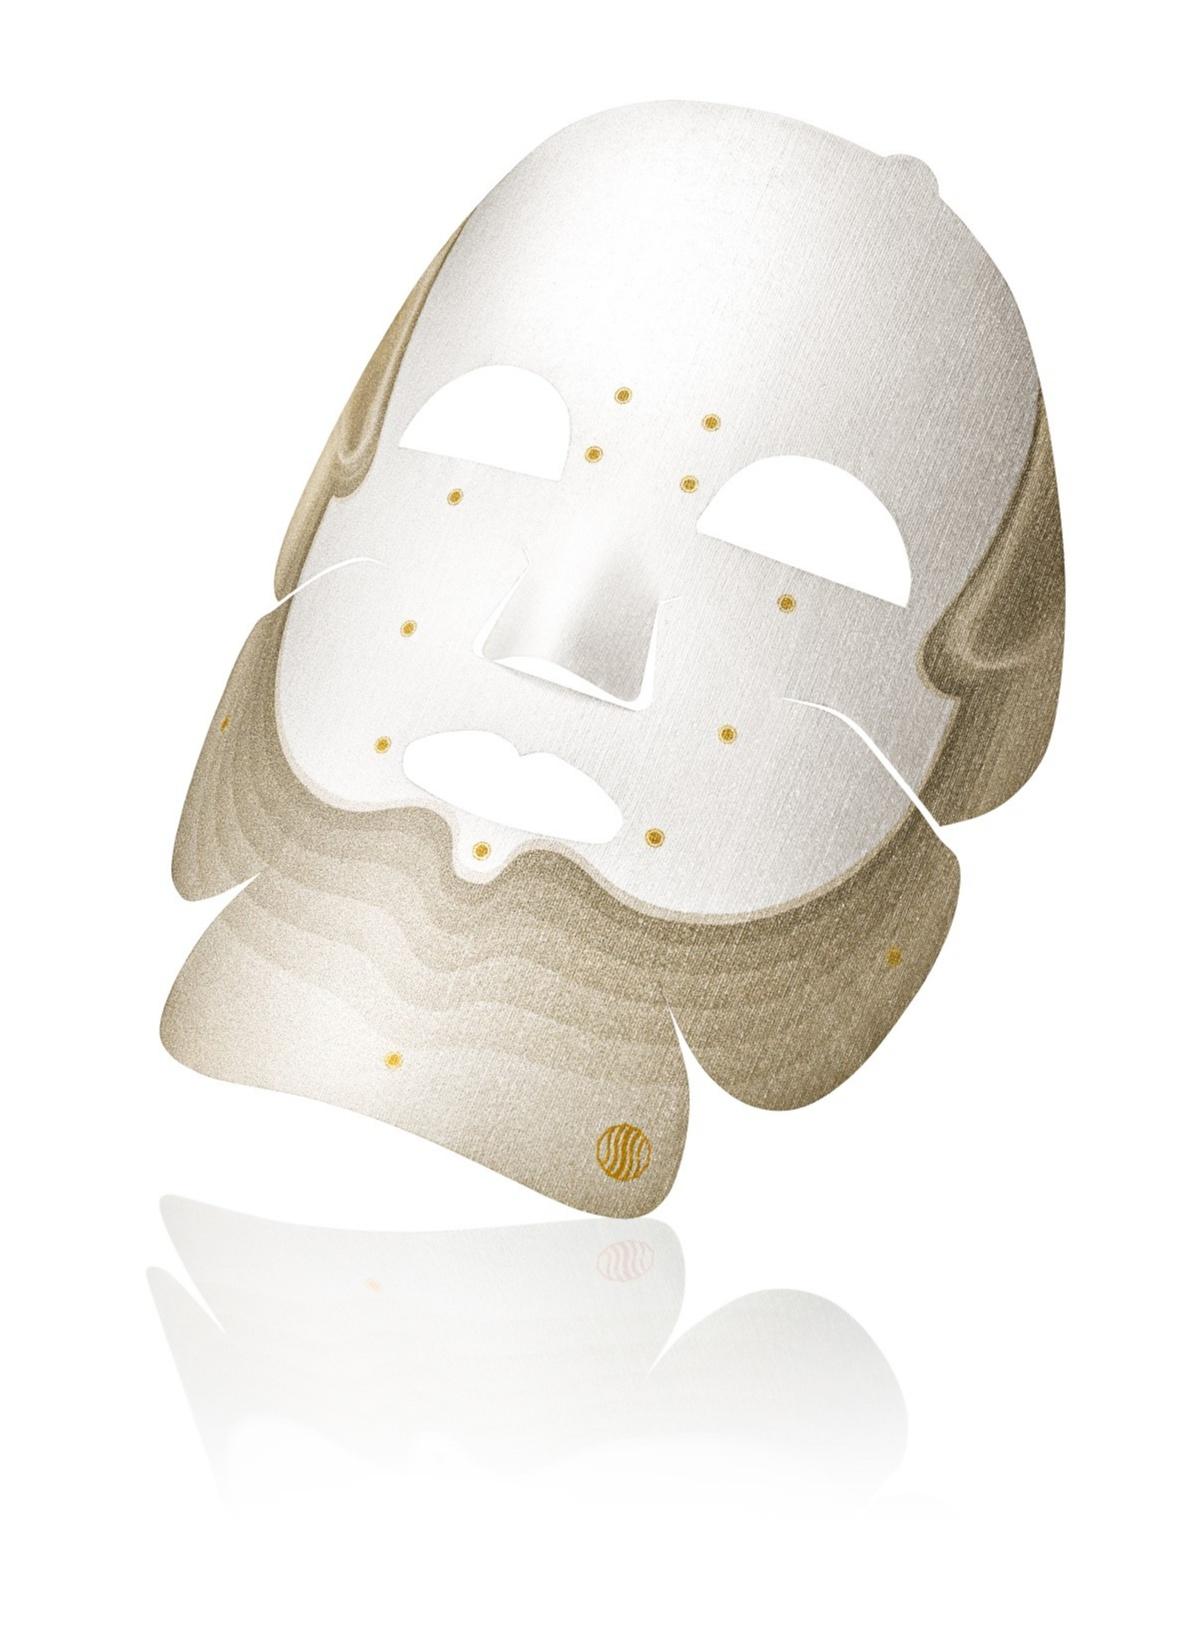 """「水曜&週末夜」がオススメ! 『フローフシ』のシートマスクなら、週2回の""""SAISEIタイム""""でもっと美しい肌に!_1_6"""